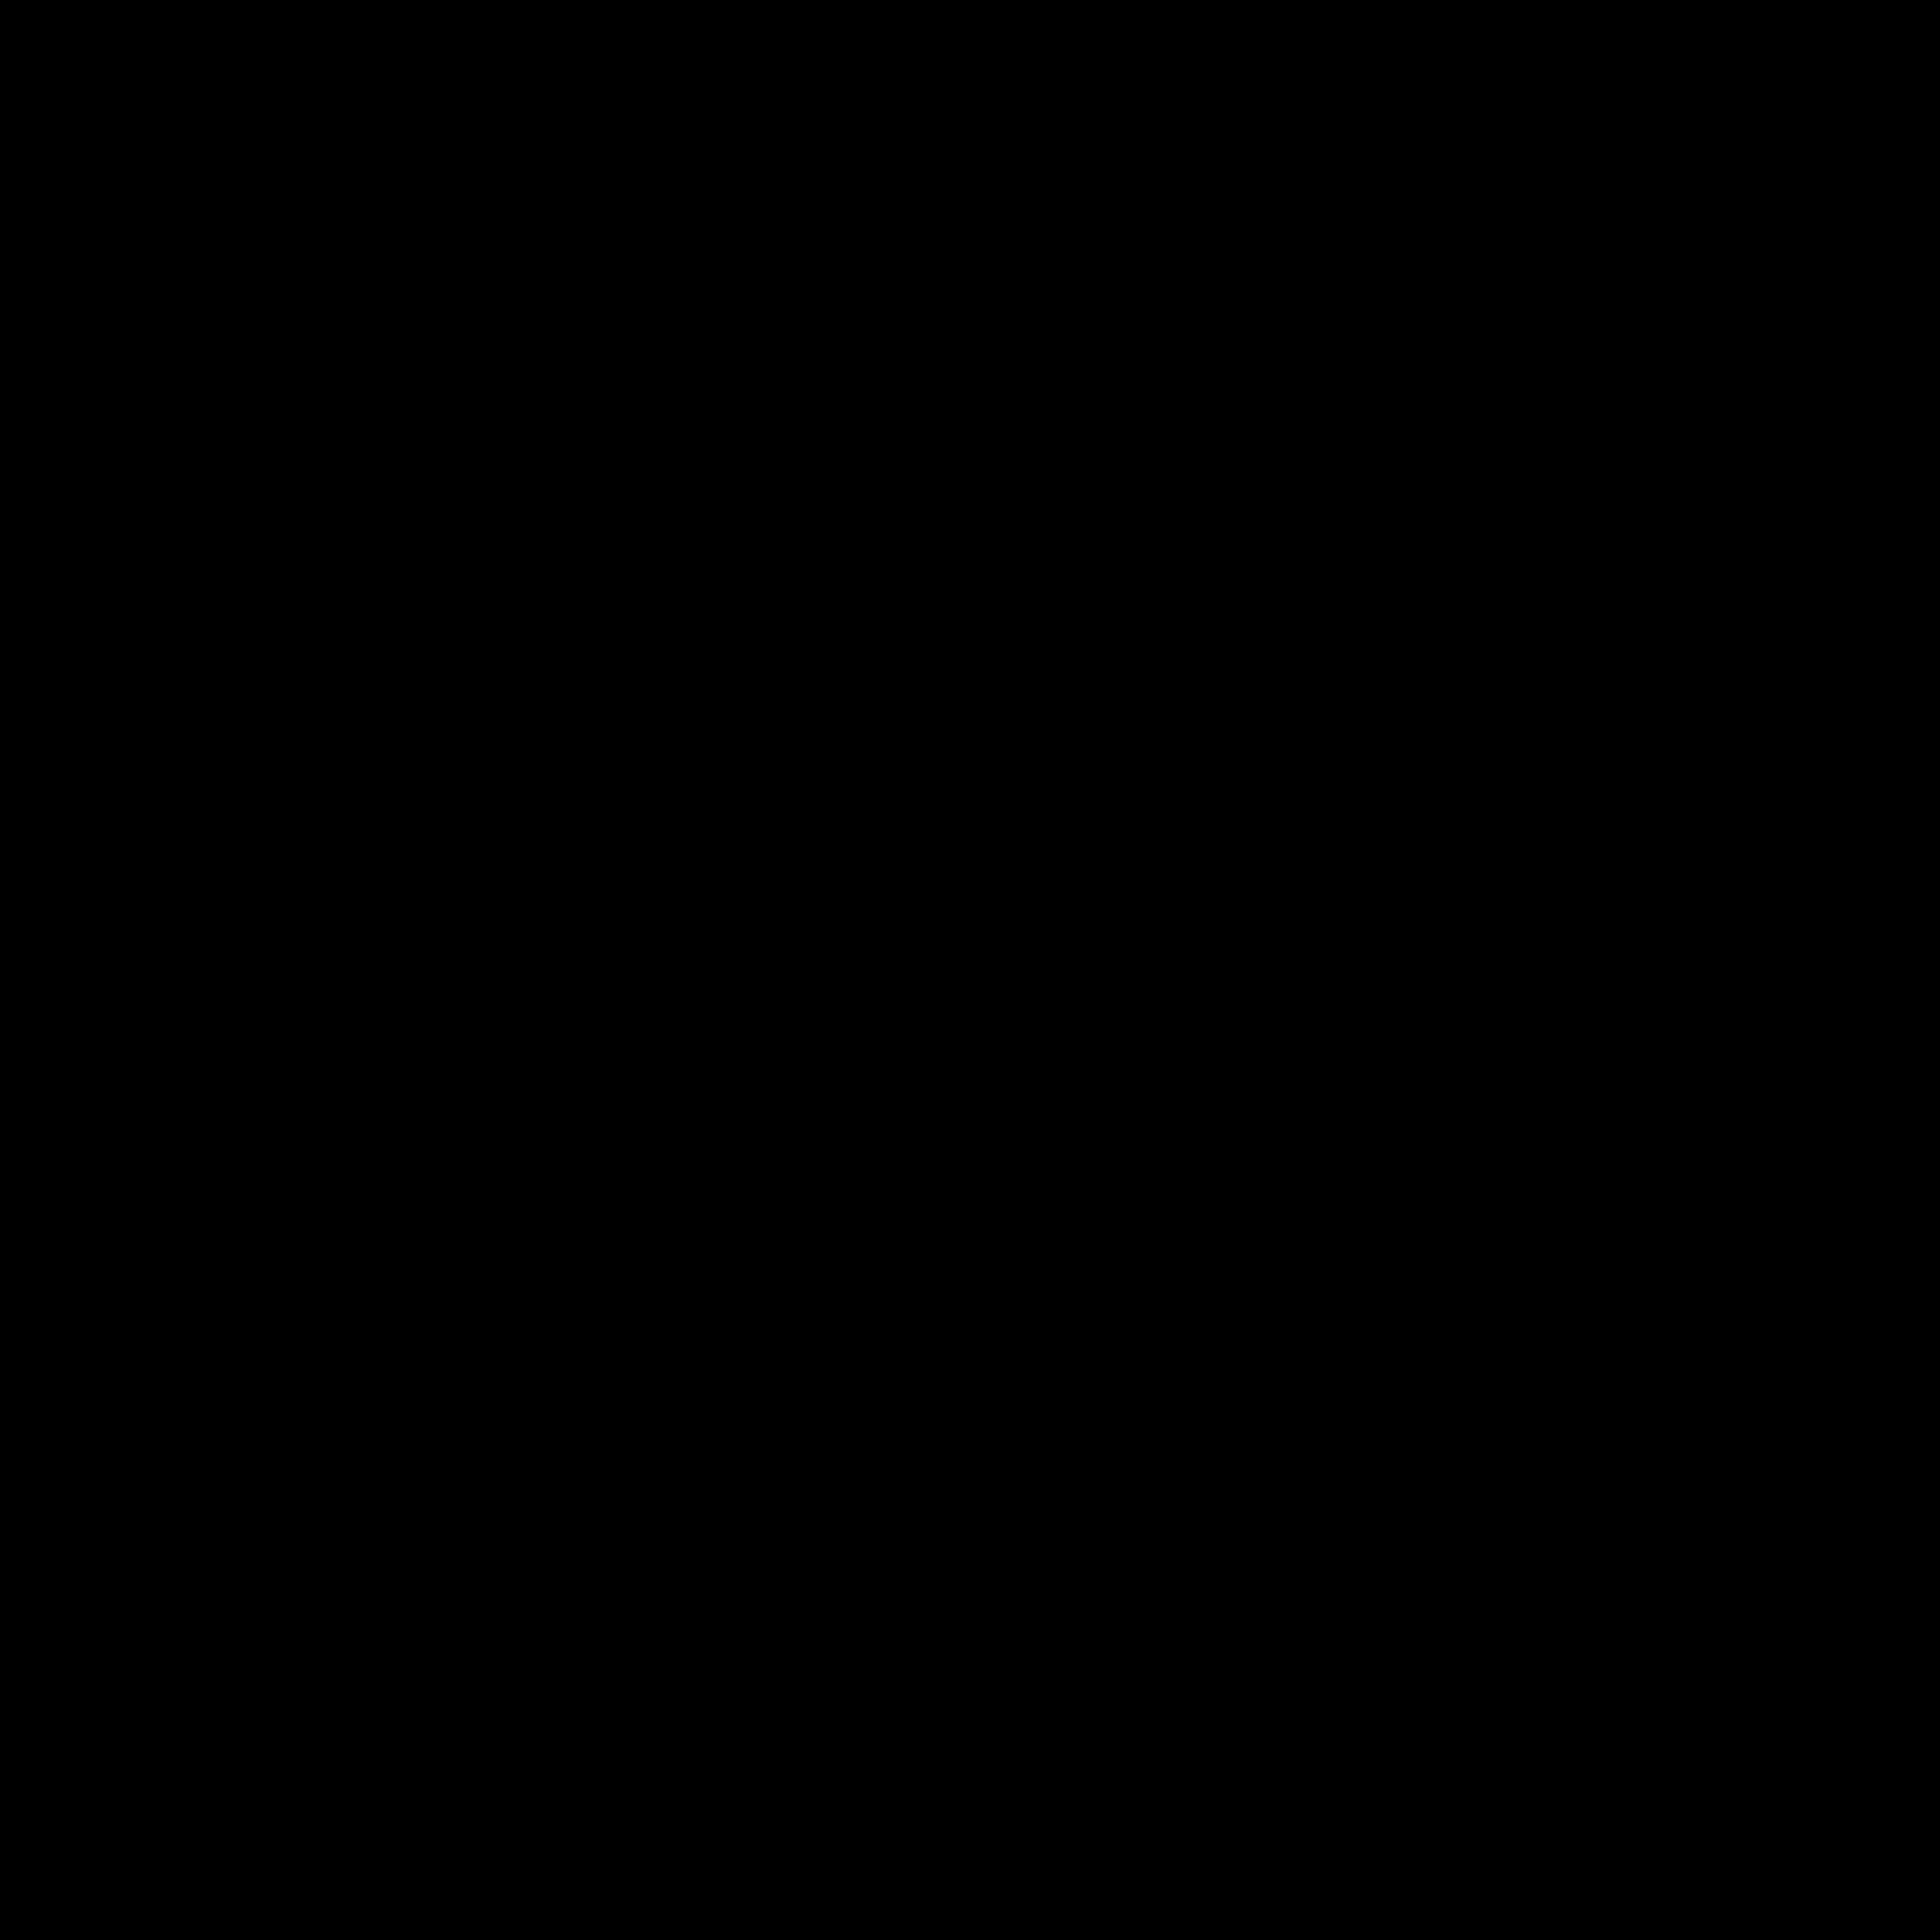 Parents_Teachers-Categories